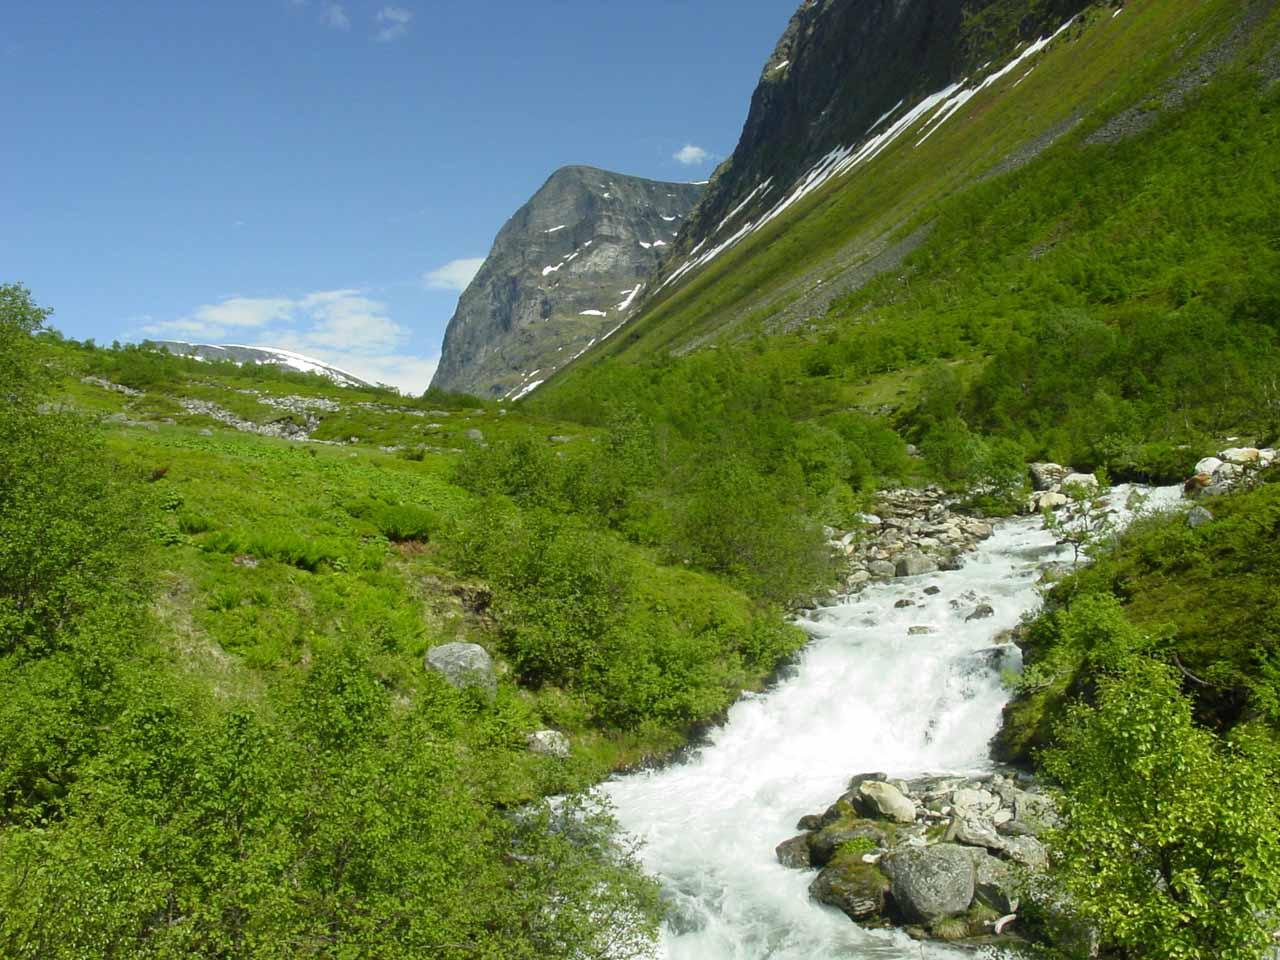 Looking upstream deeper into Vesterås Valley